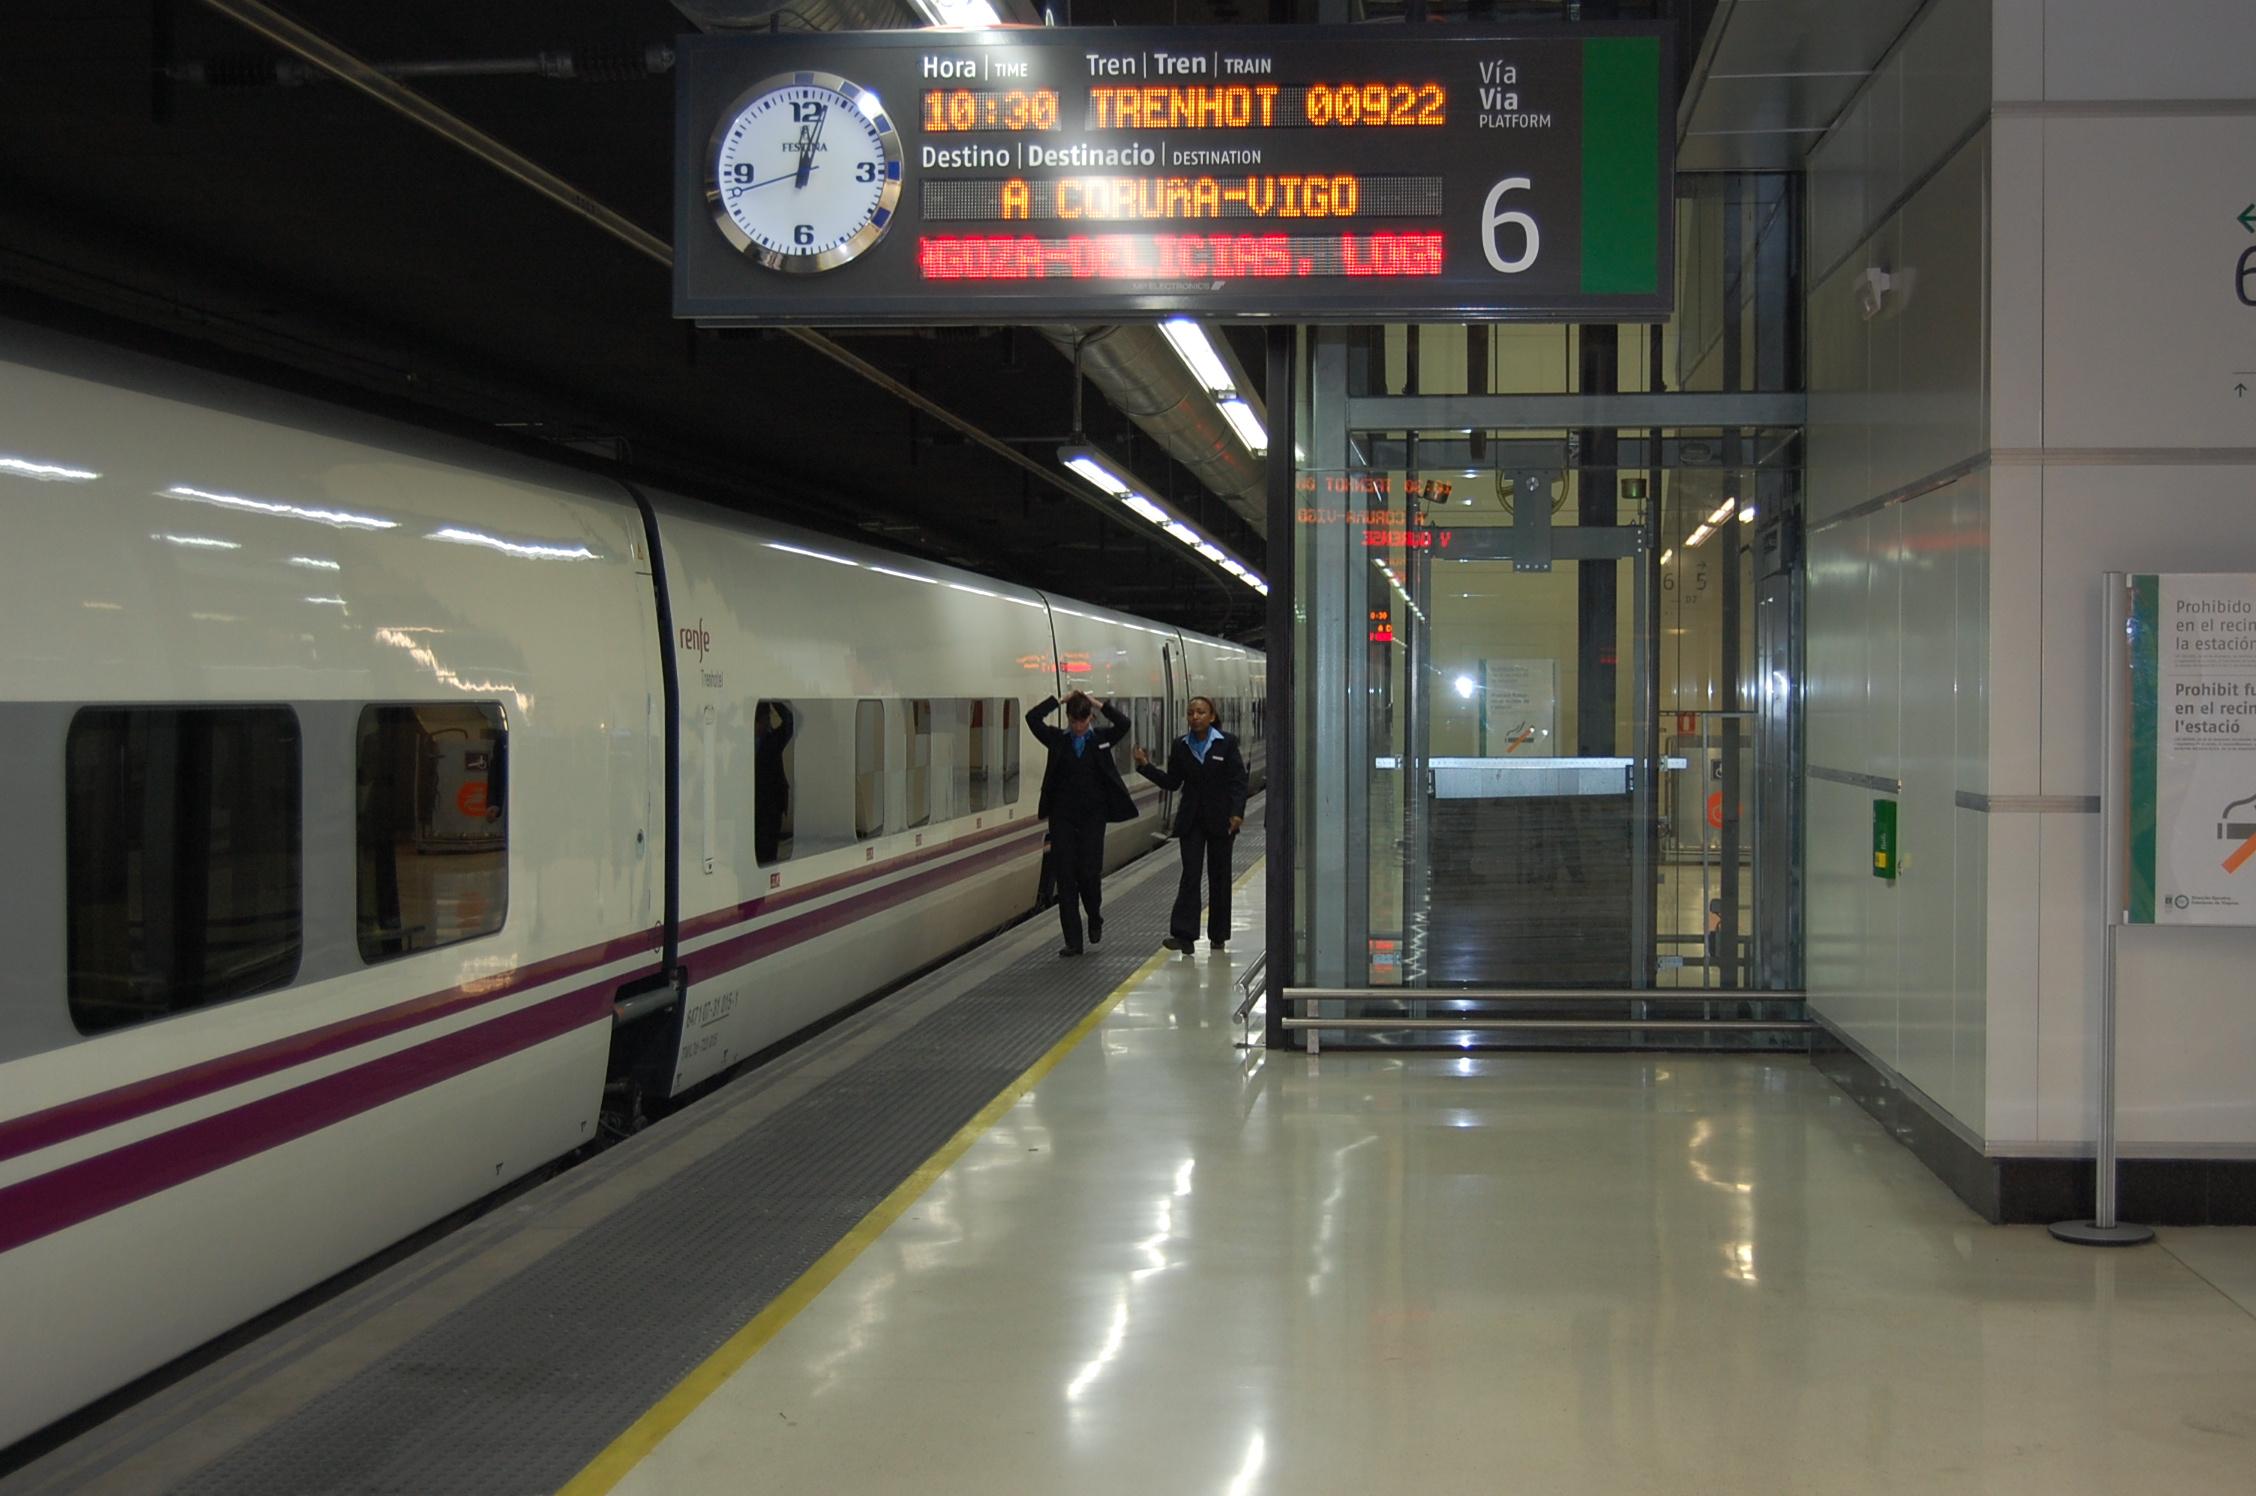 L'andana de Sants amb un tren nocturn, en imatge d'arxiu / Renfe